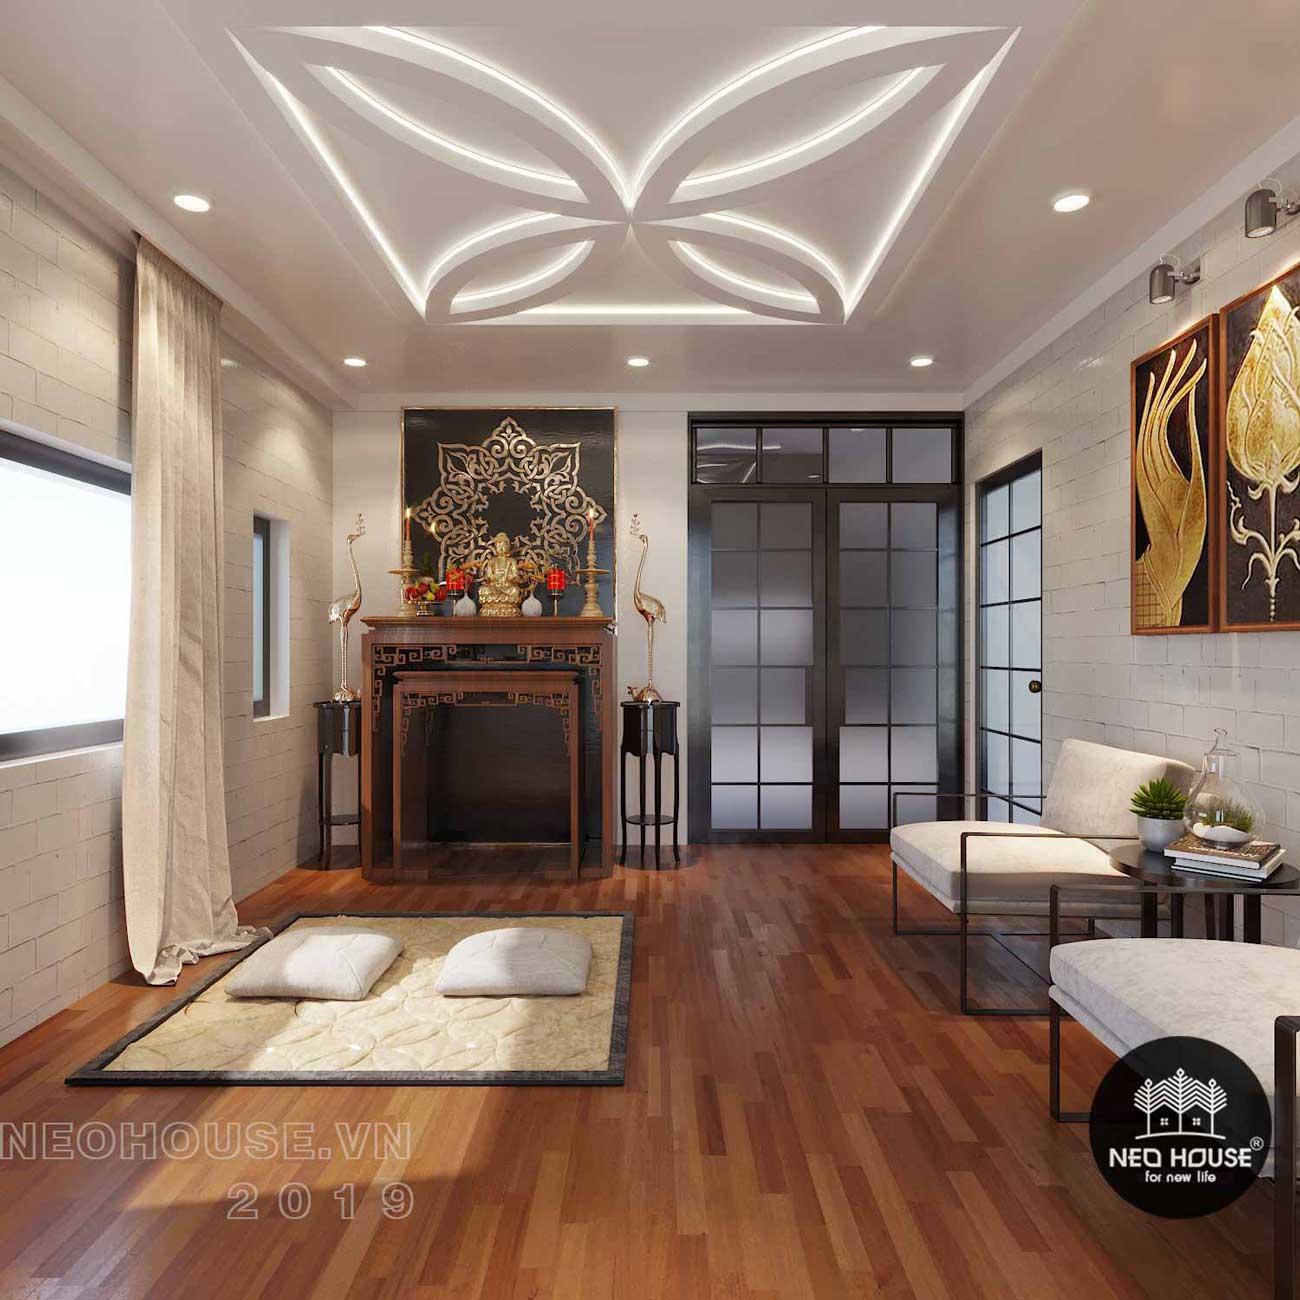 Thiết kế nội thất biệt thự hiện đại 3 tầng. Ảnh 8